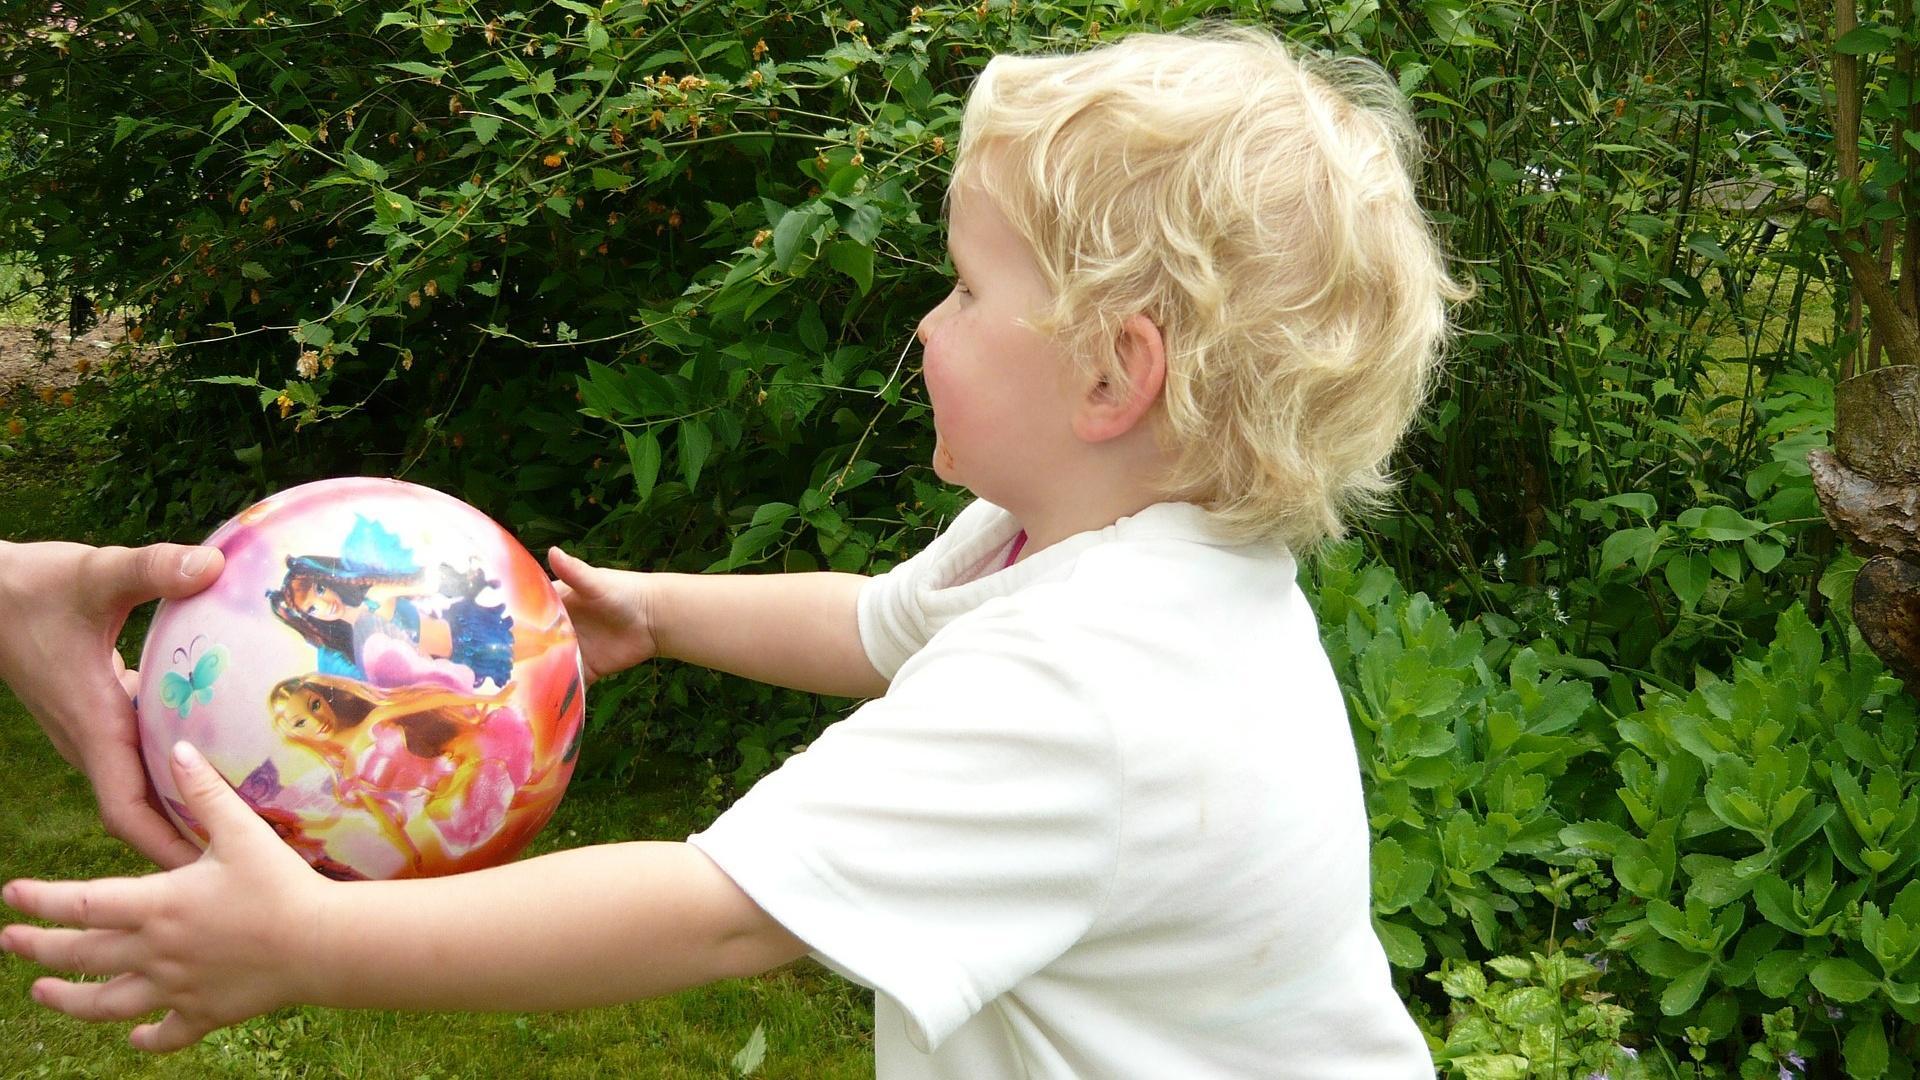 Schon kleine Kinder lieben Ballspiele. Damit es am Anfang gut klappt, sollten Sie den Ball aus kurzer Entfernung werfen.